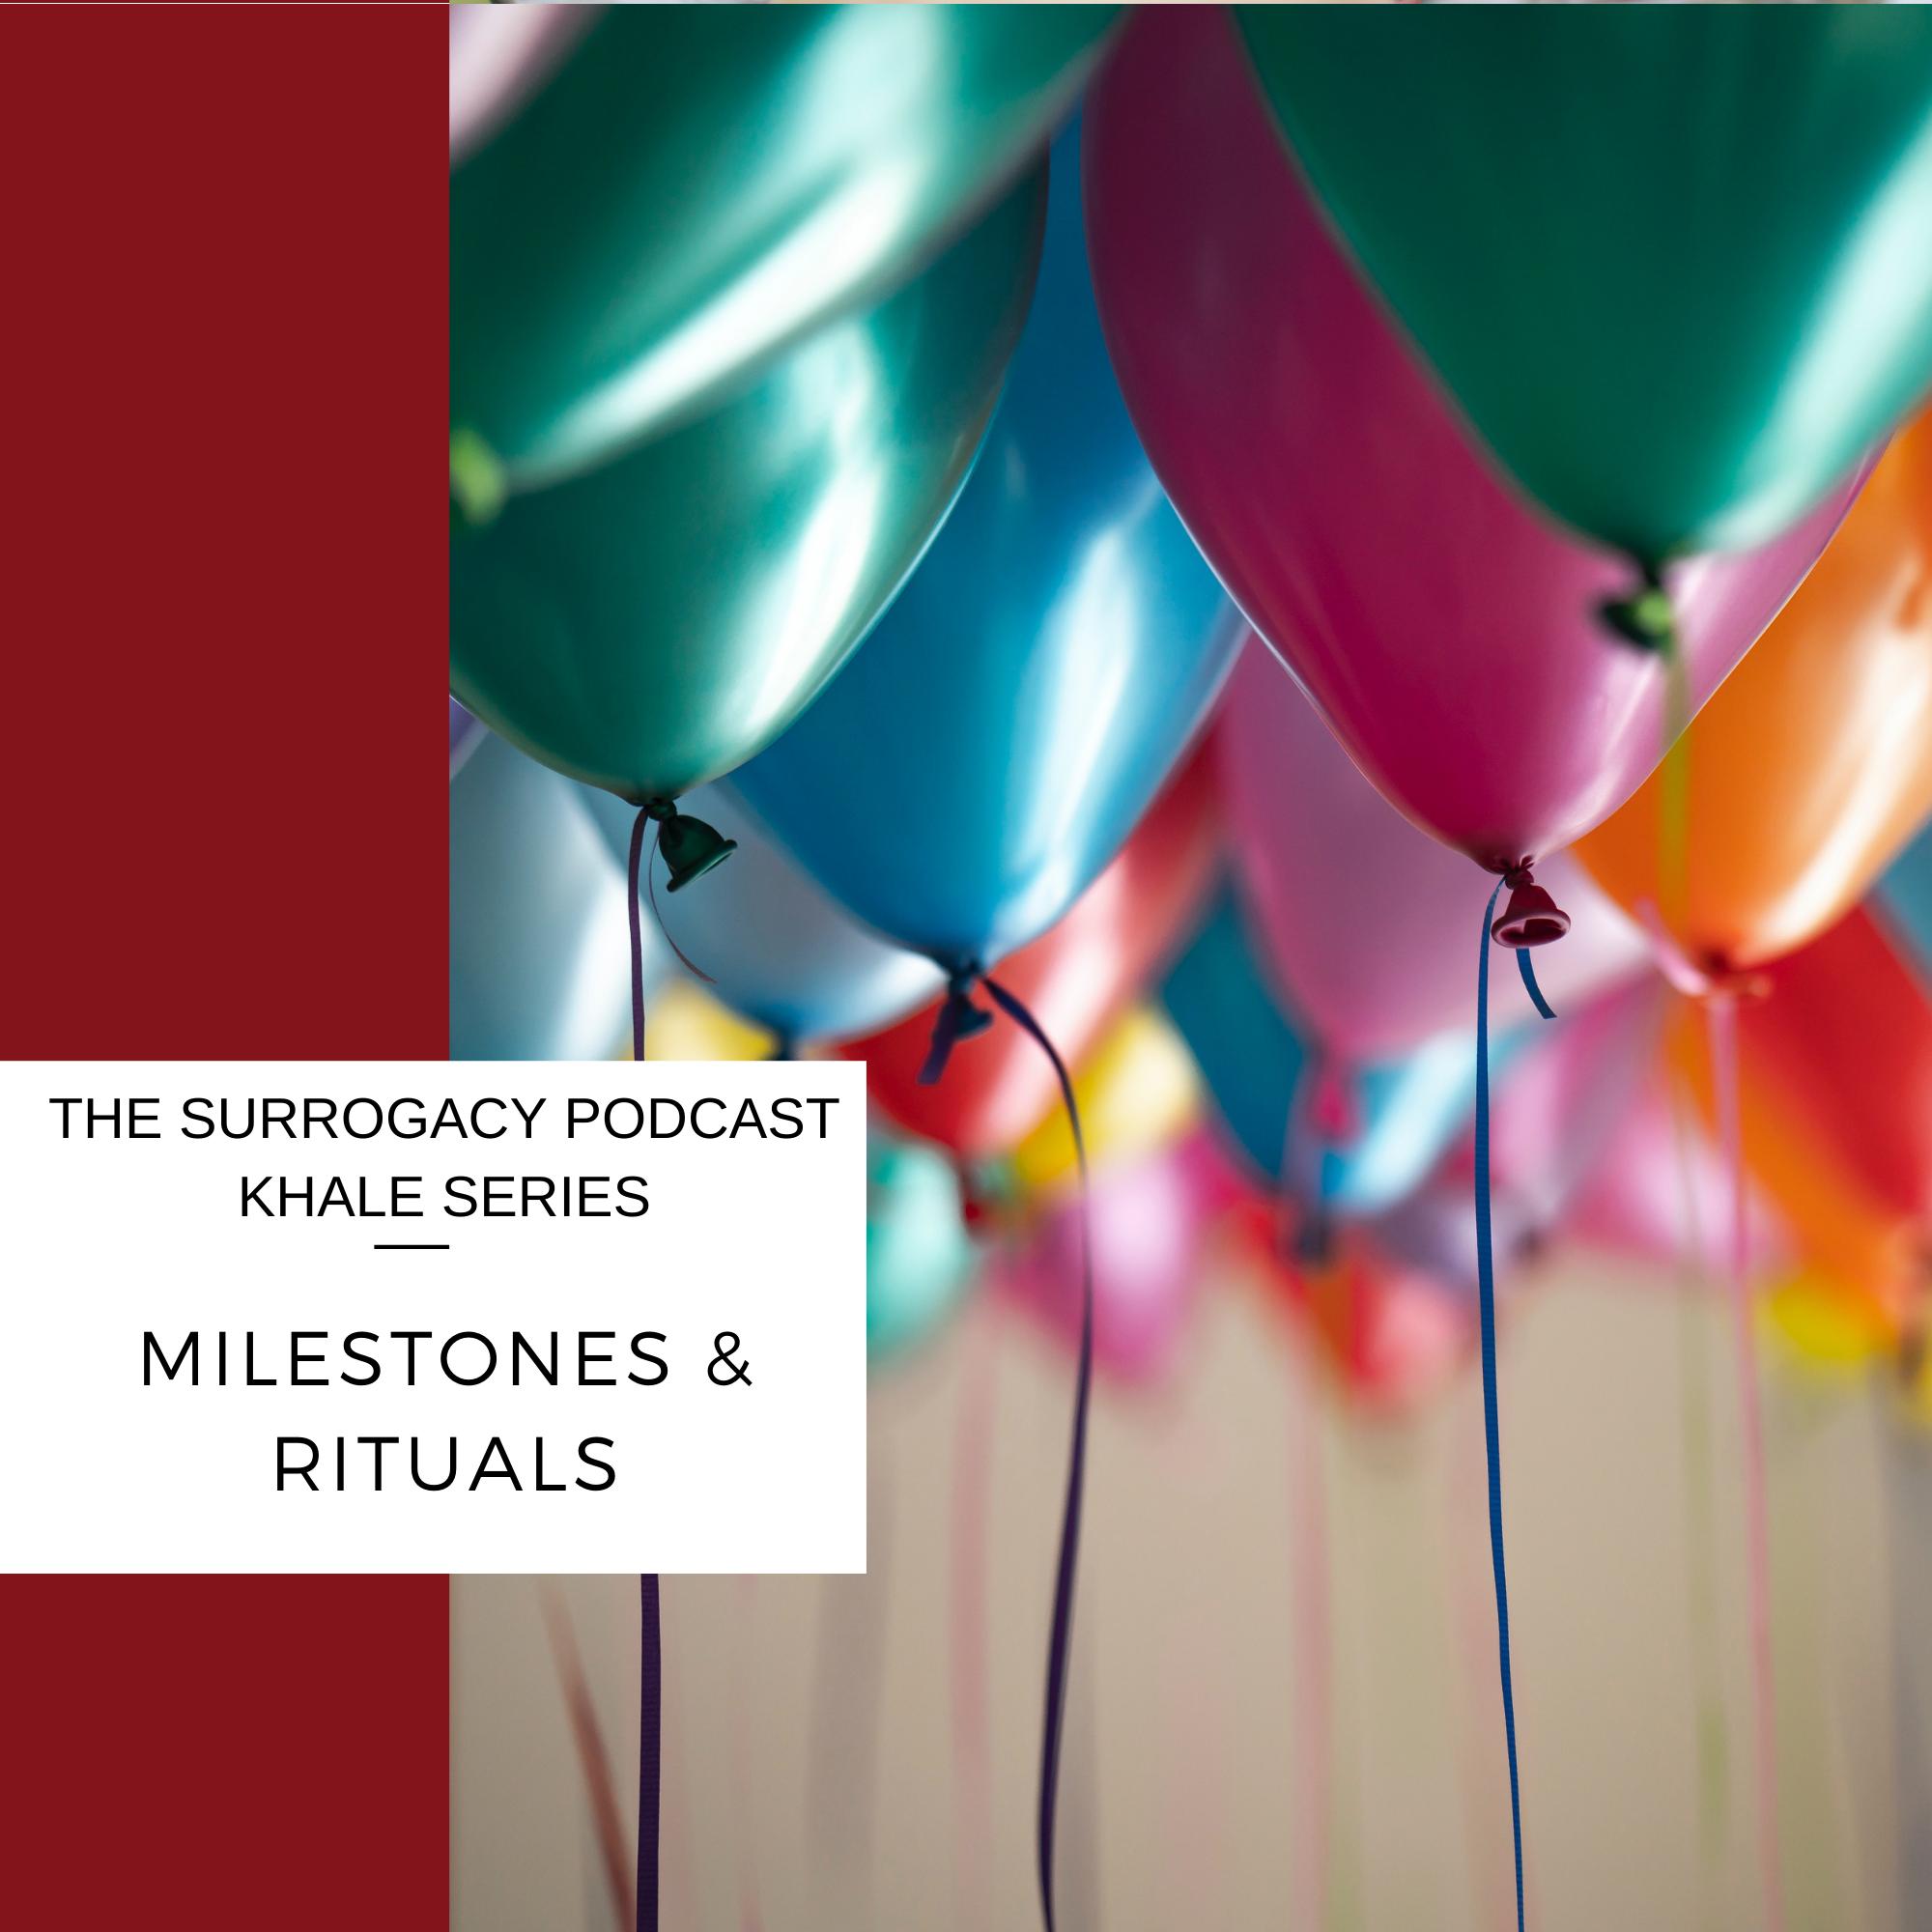 milestones surrogacy